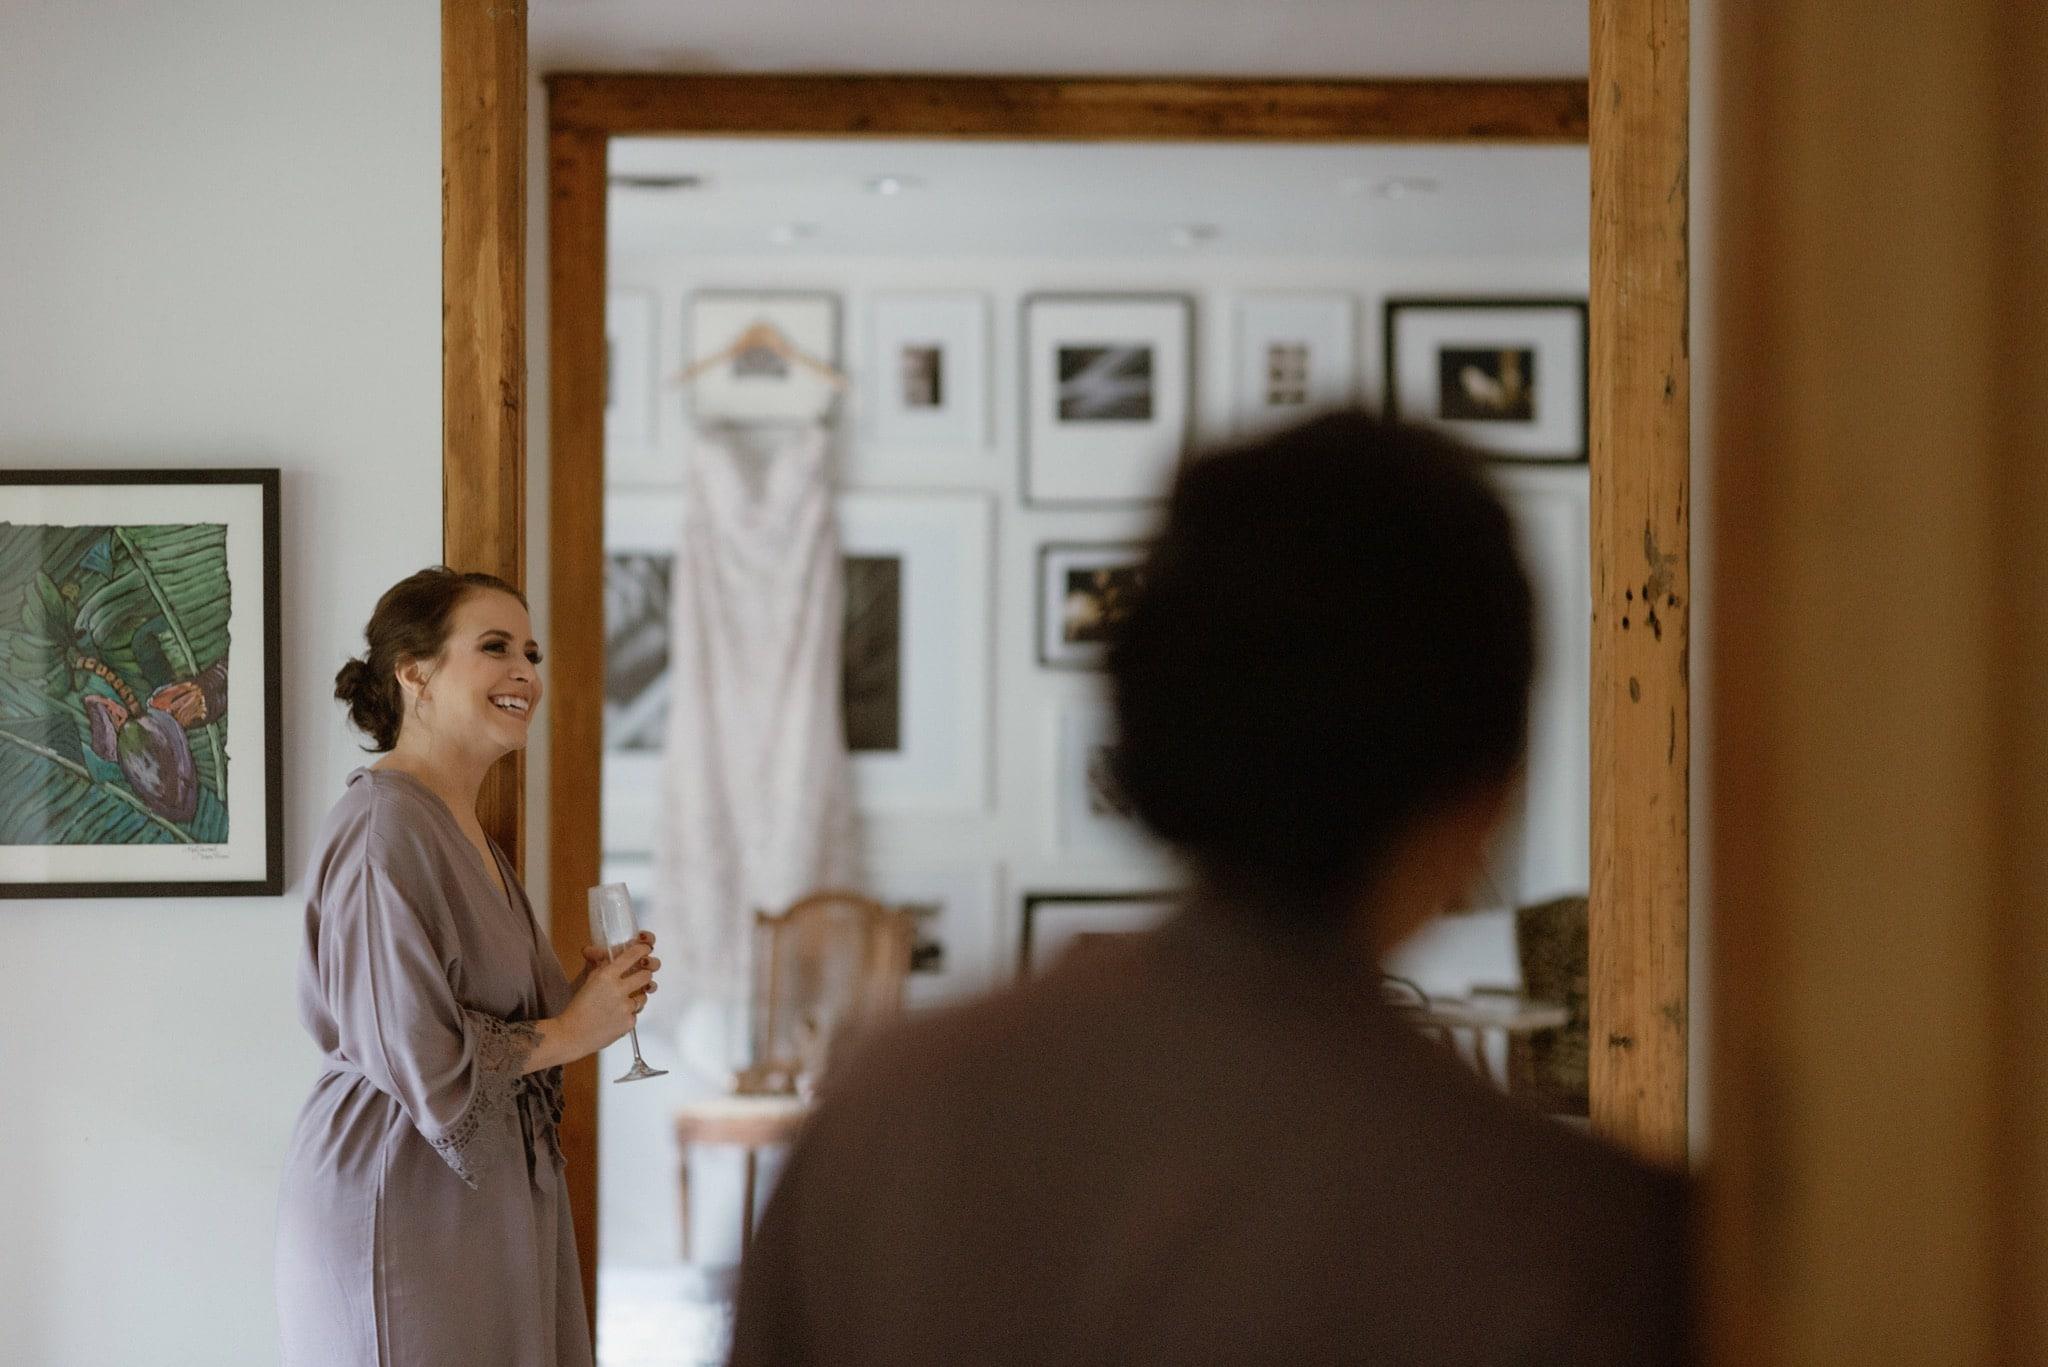 Wedding Getting Ready Shots